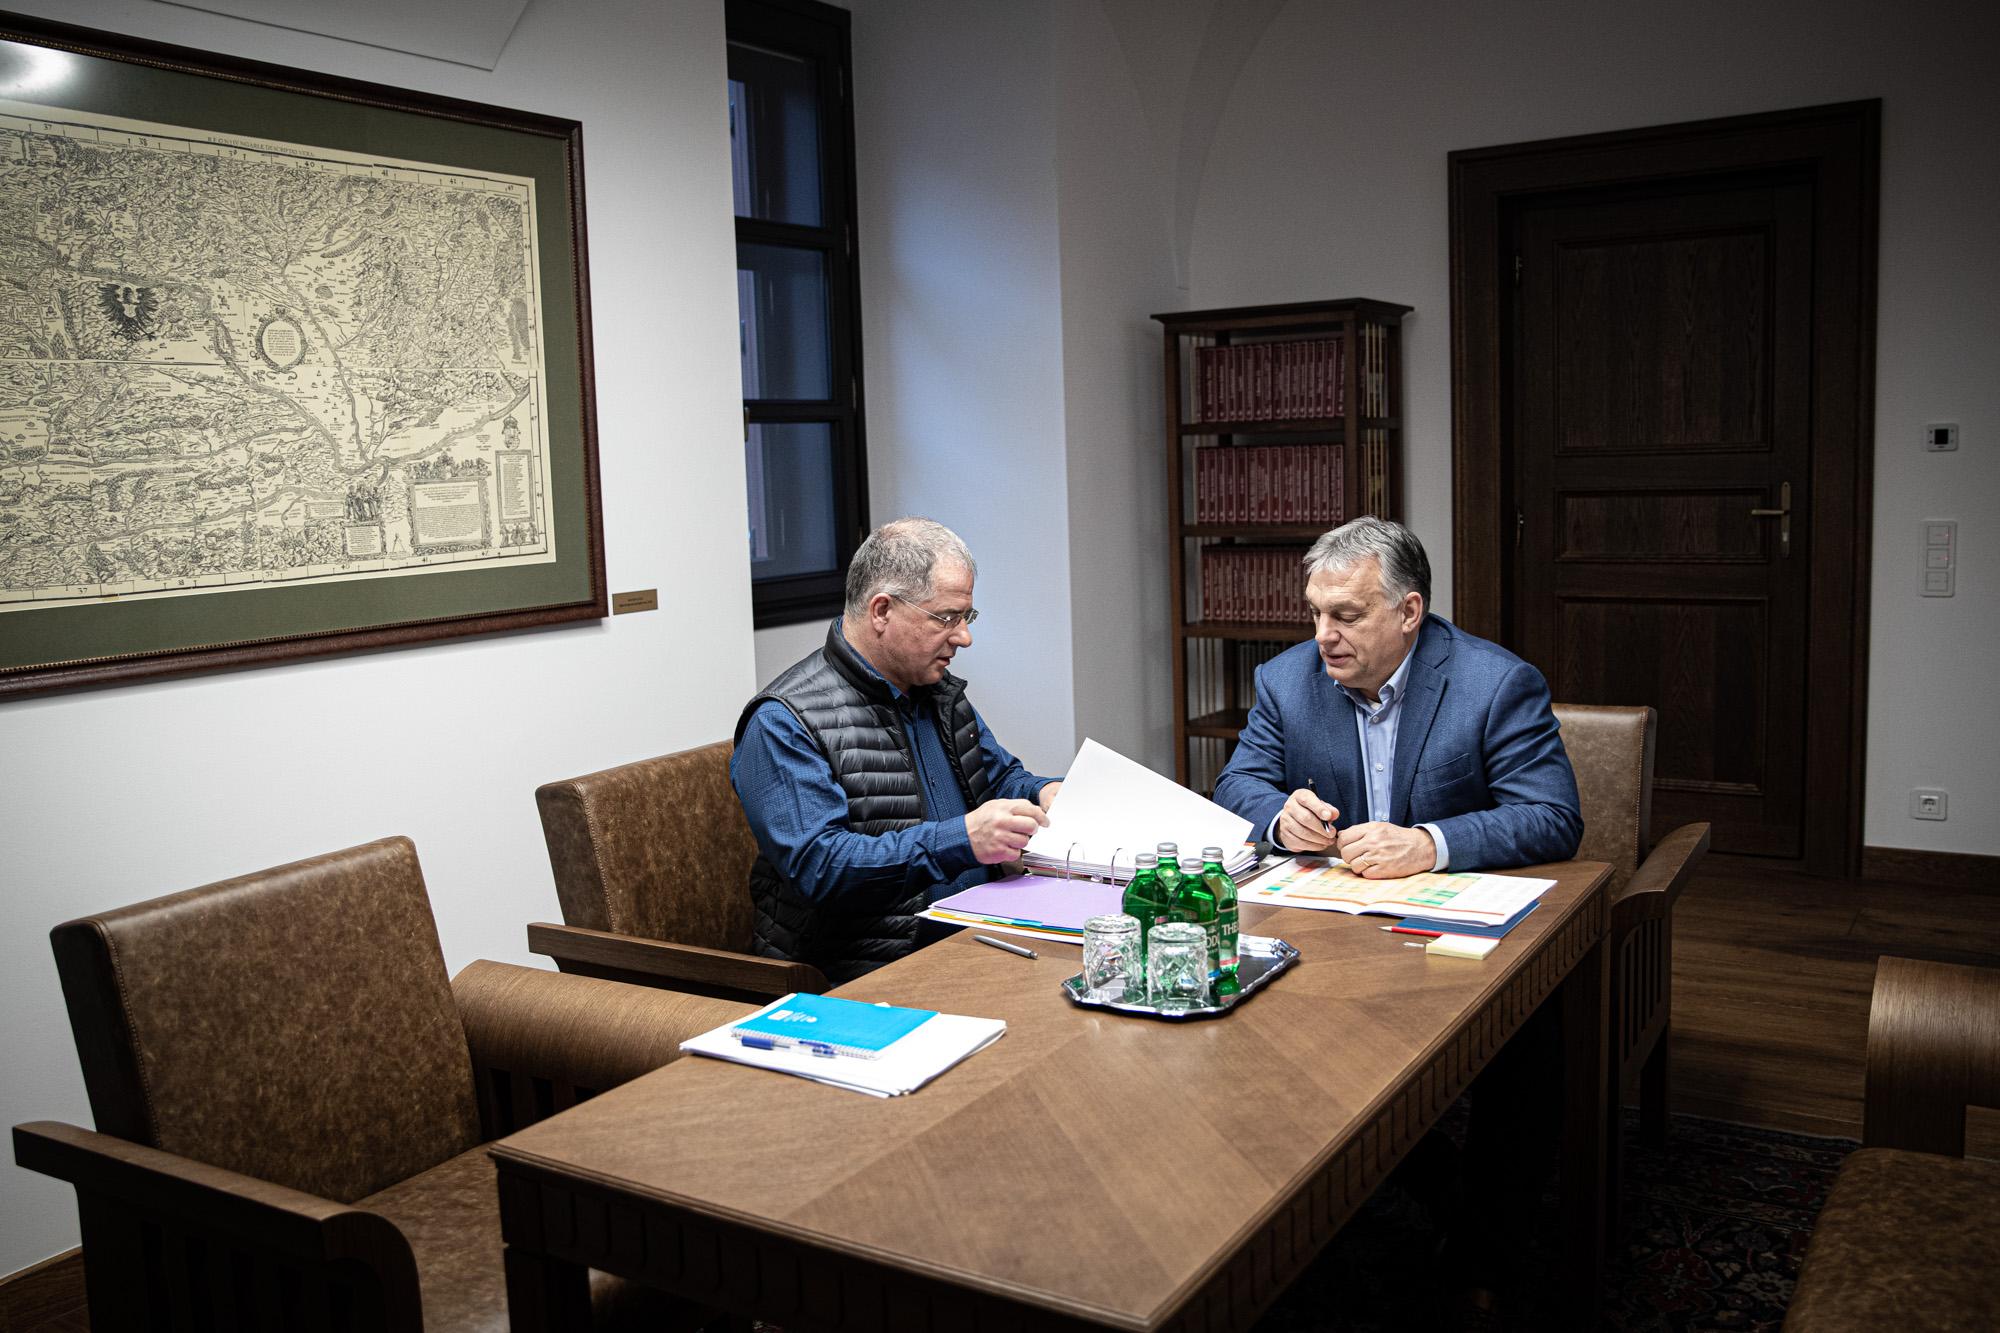 Orbán Viktornak zakót sincs ideje cserélni, miközben pártja választókerületi elnökeivel tárgyal éjt nappallá téve a Miniszterelnökségen